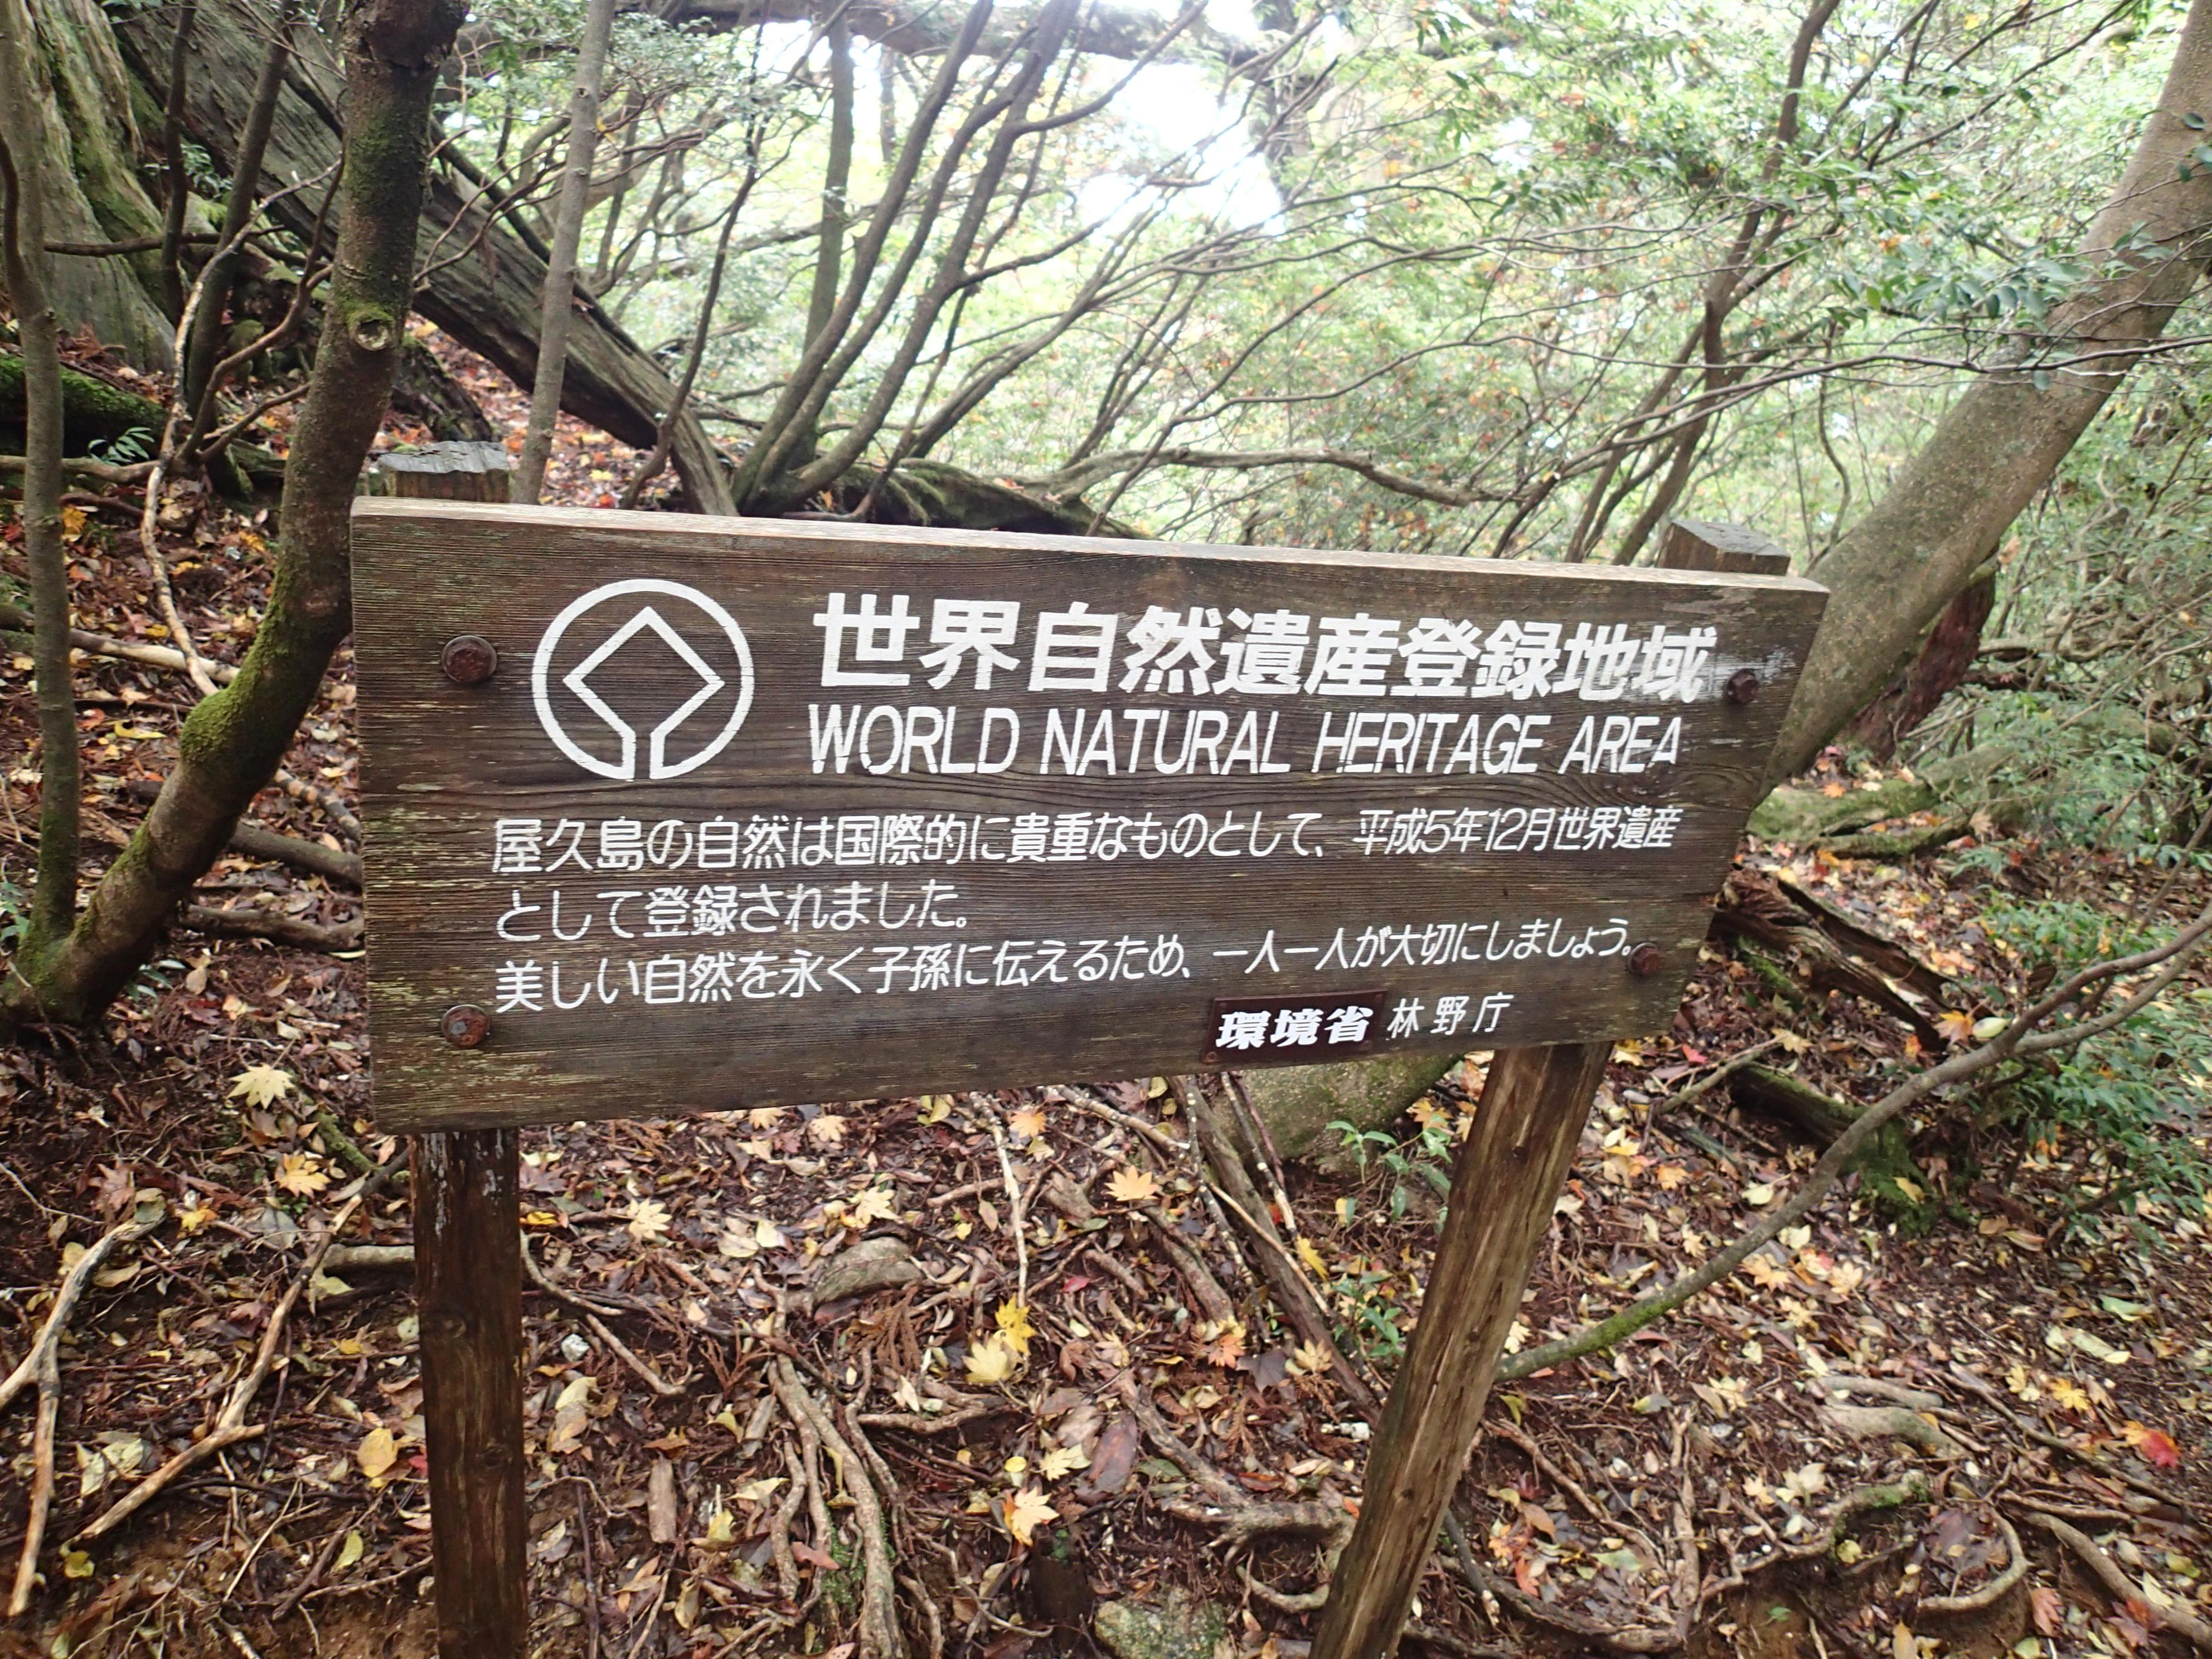 屋久島世界遺産入り口